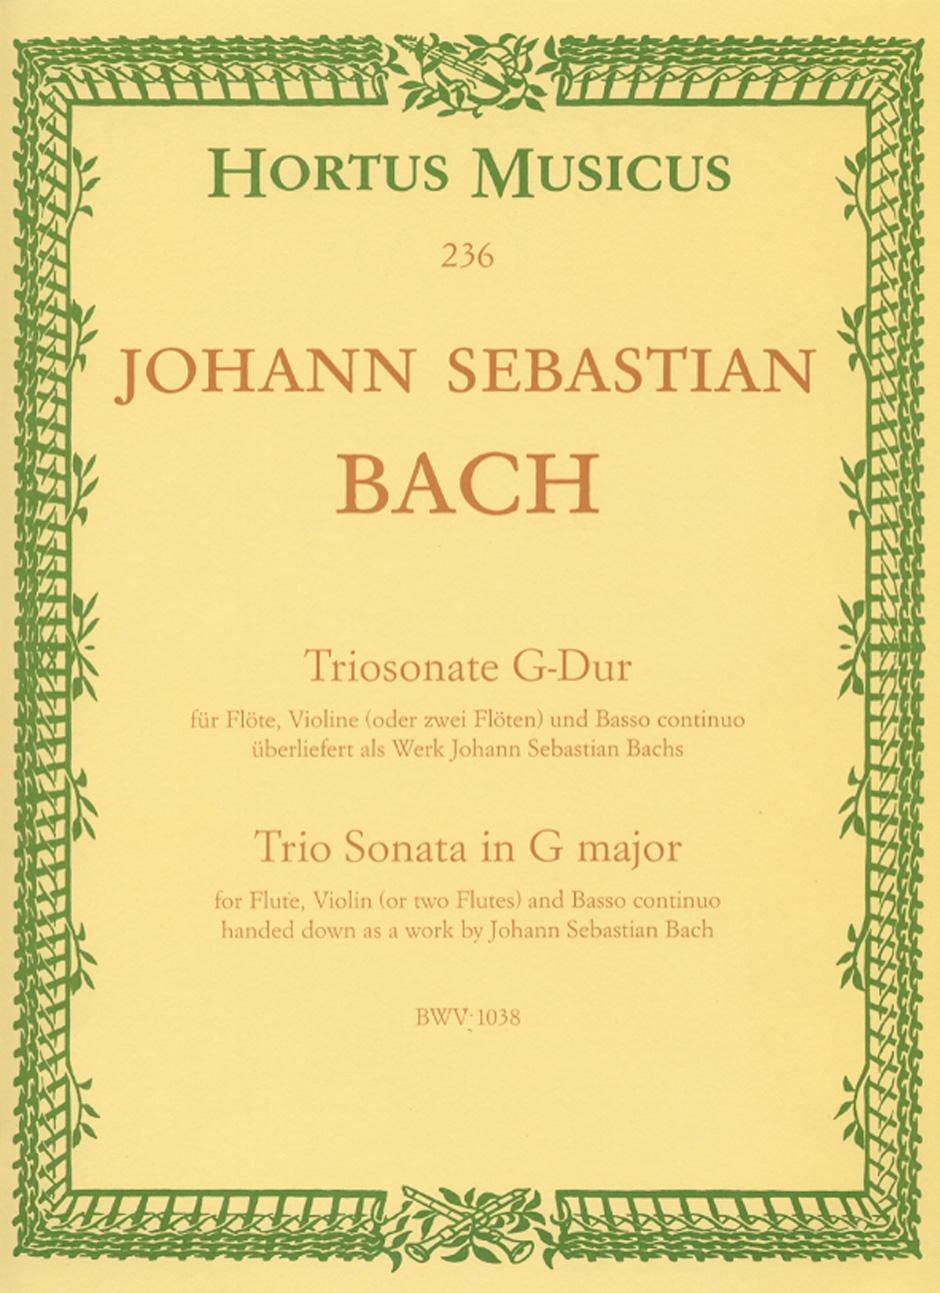 TRIO SONATA in G major BWV 1038